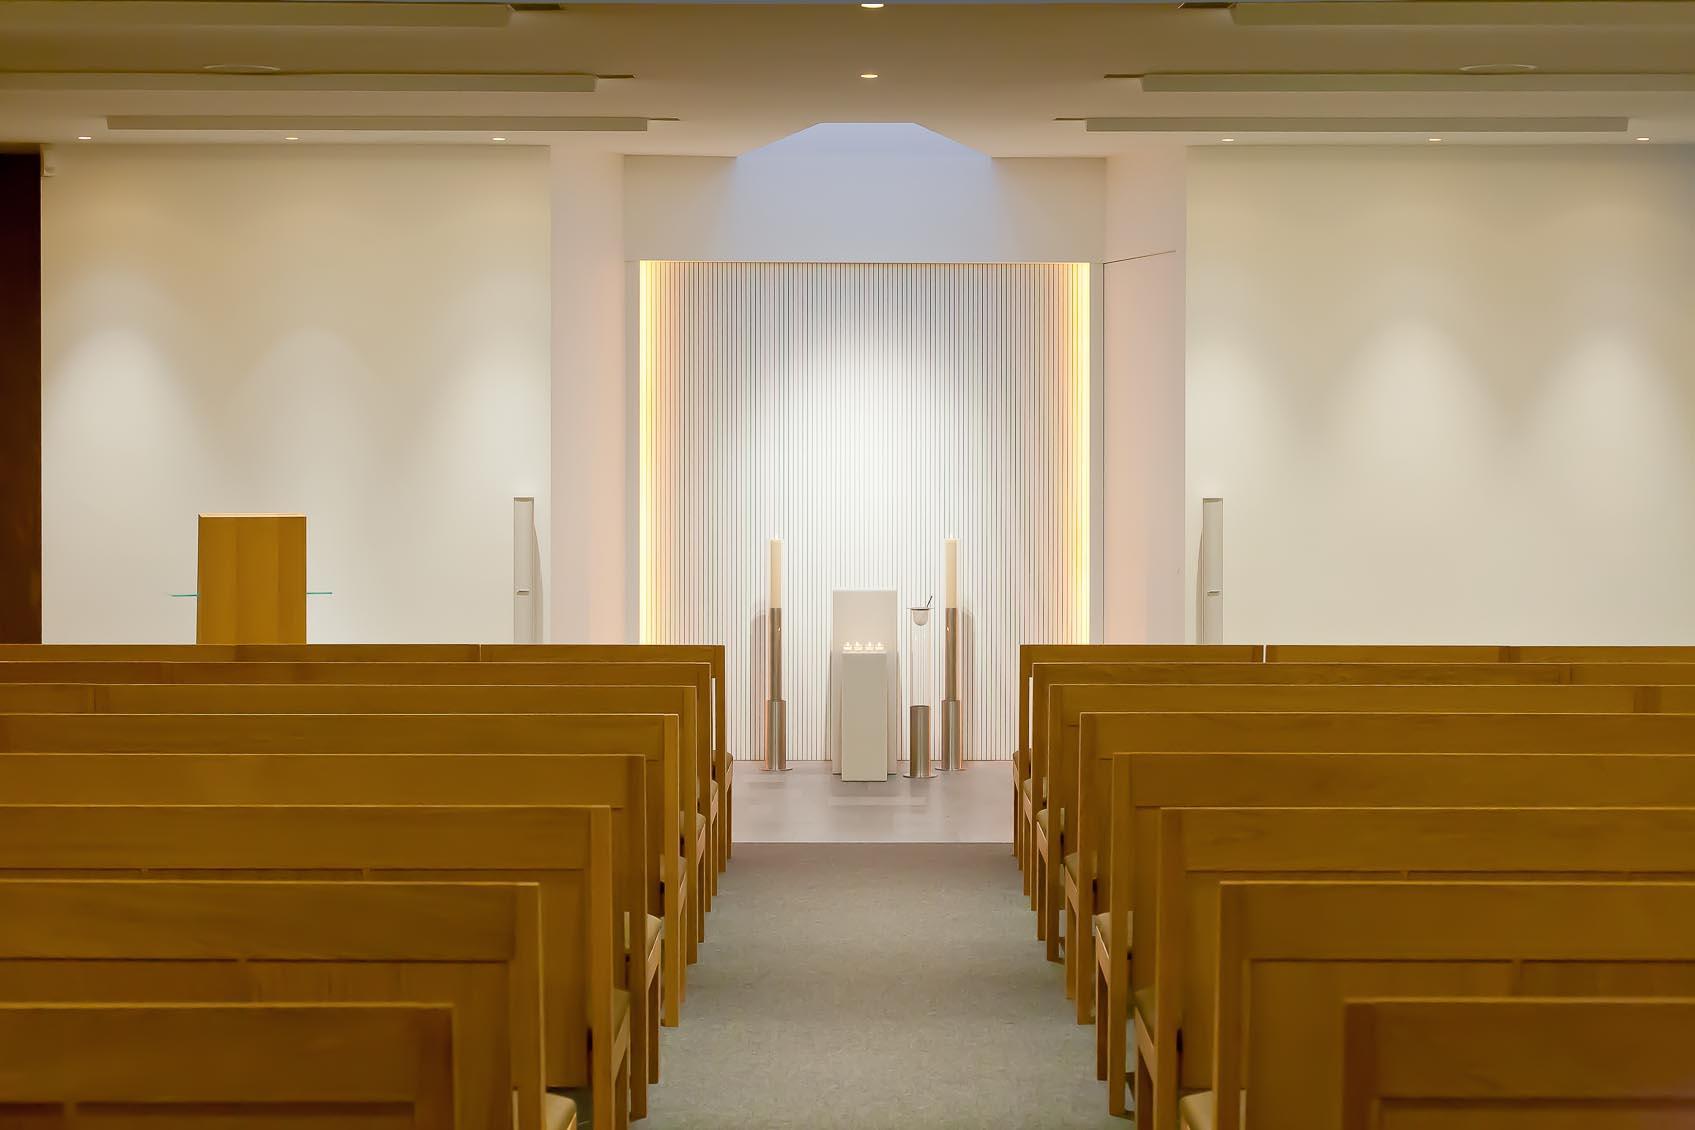 Lichthuis Mol maakt de lichtstudie voor de aula, koffieruimte en winkels van funerarium te Geel